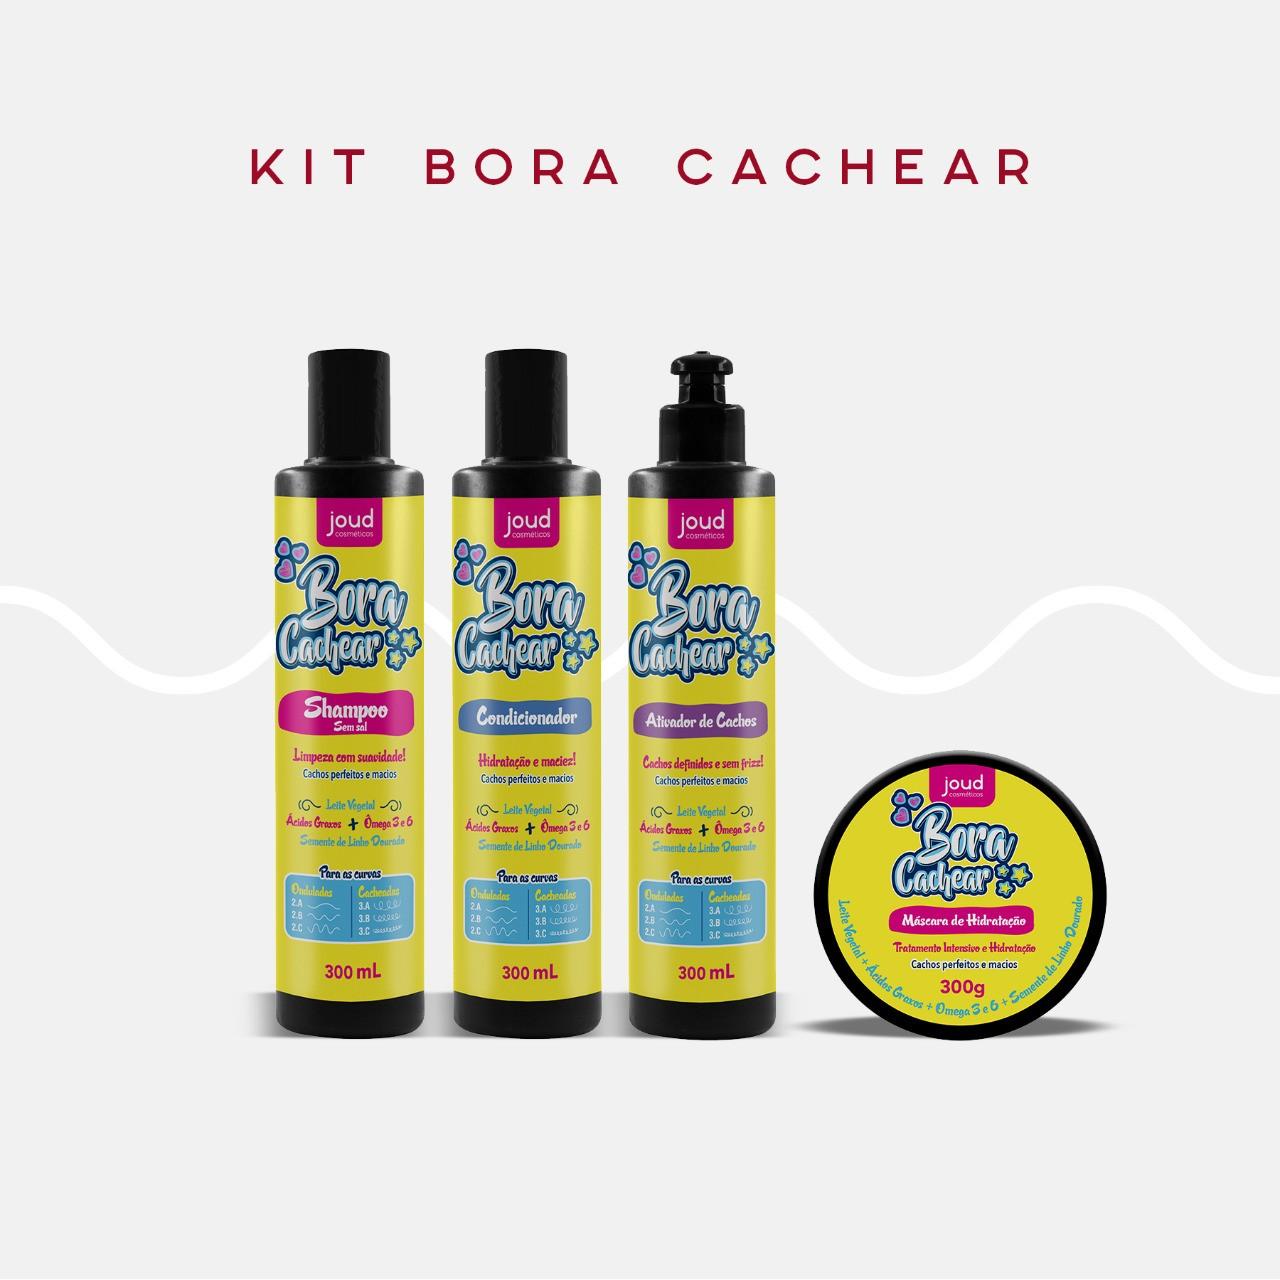 Kit Bora Cachear Joudc/4